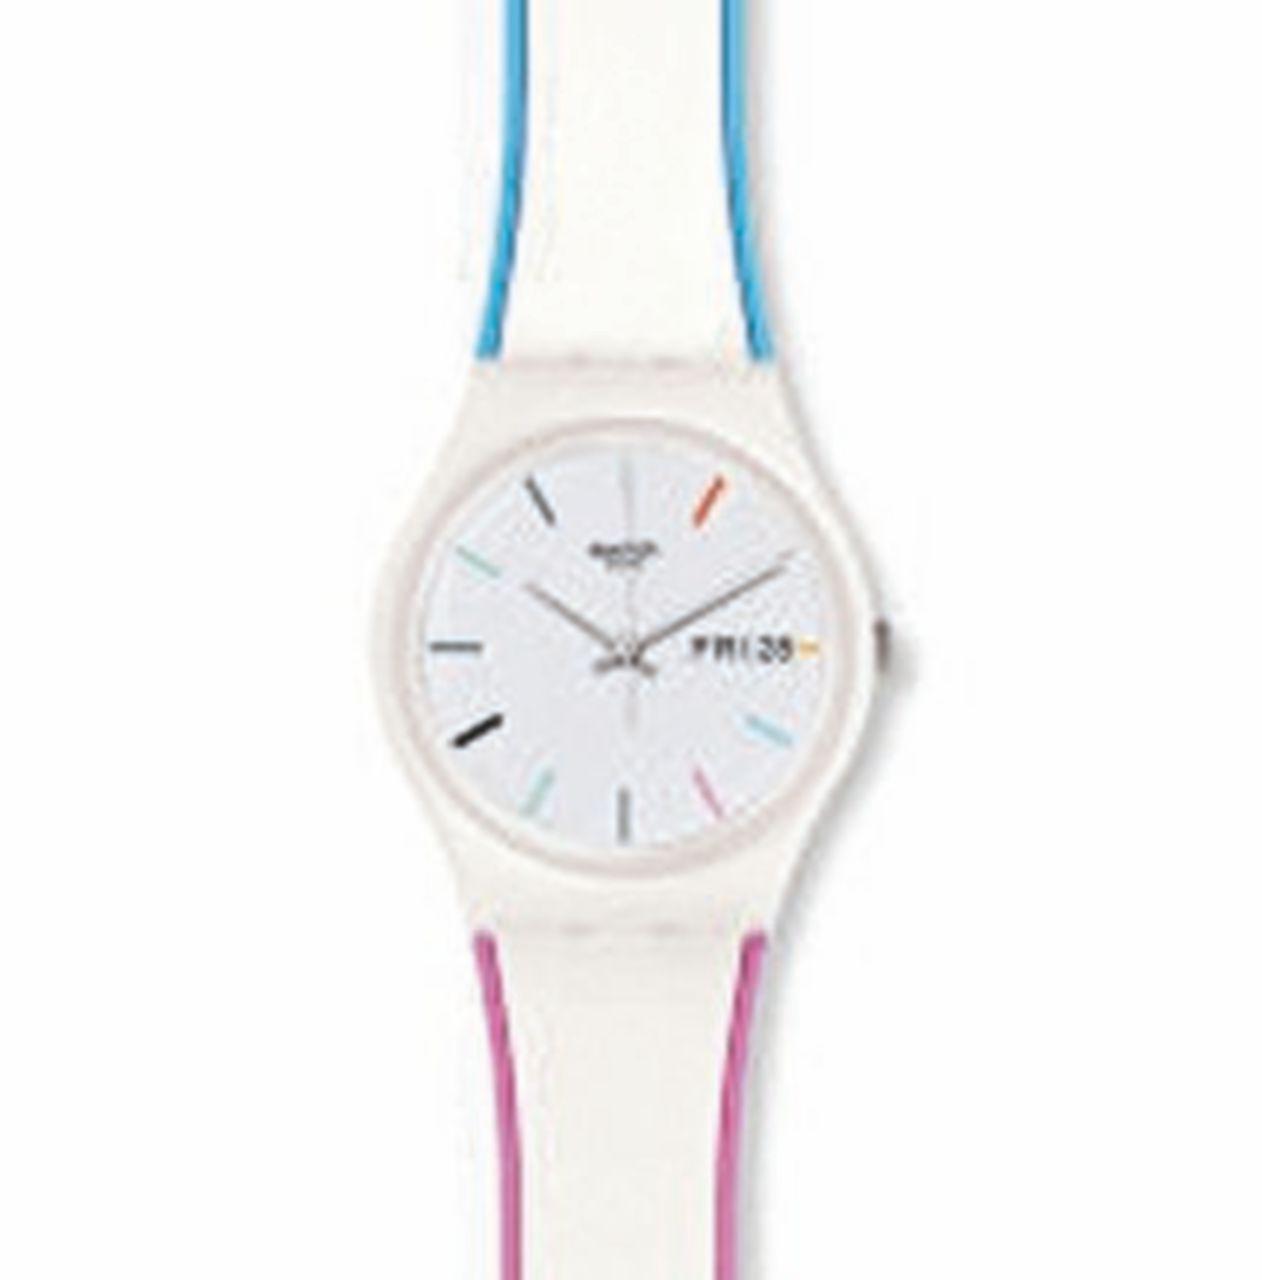 L'orologio svizzero alla nostra portata